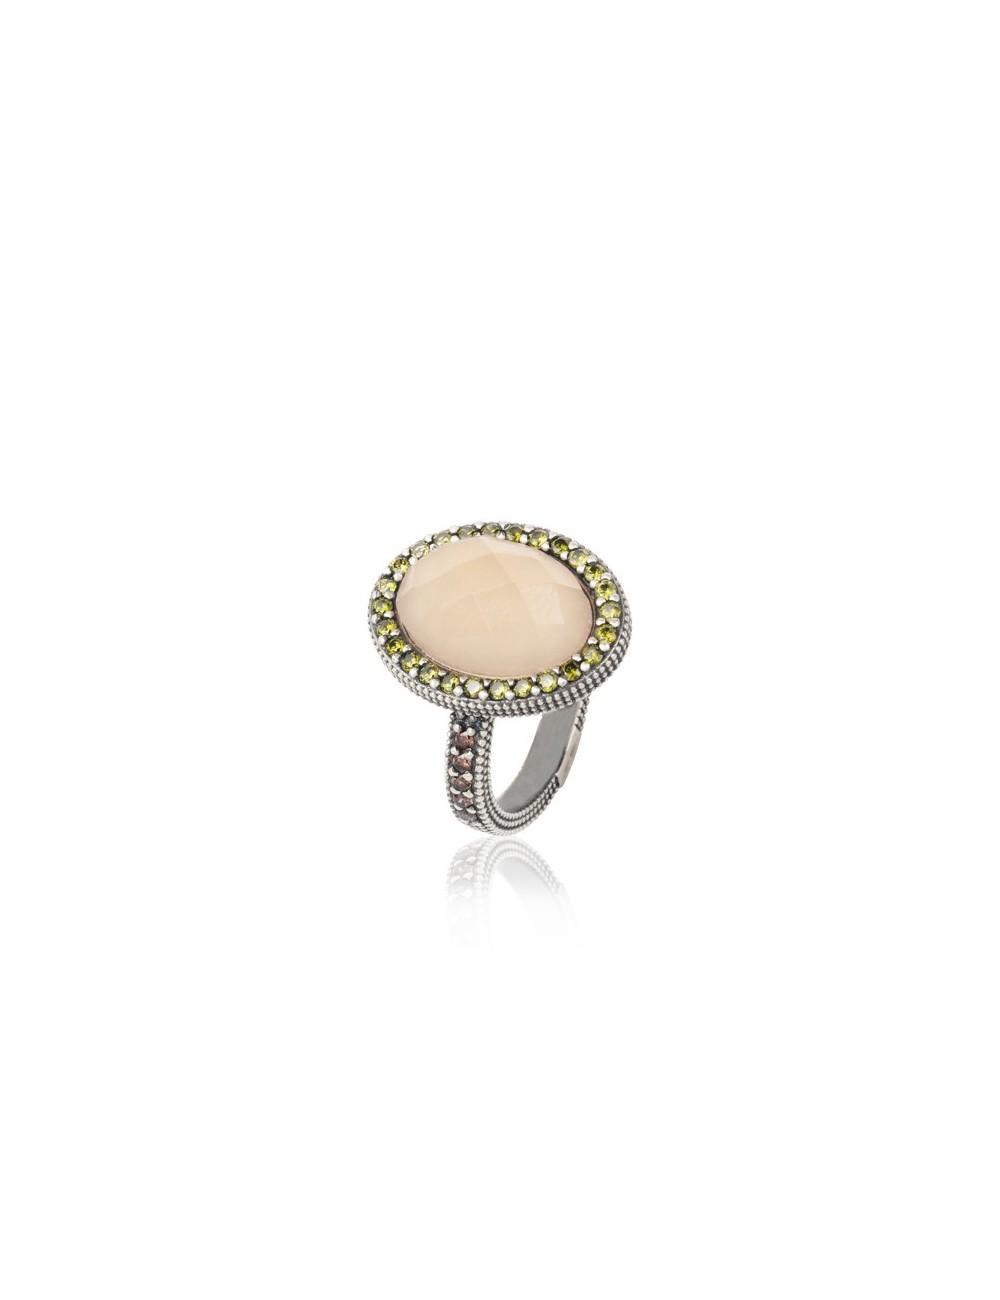 Sunfield -Anillo Sunfield plata, cuarzo rosa y circonitas -AN062465/15